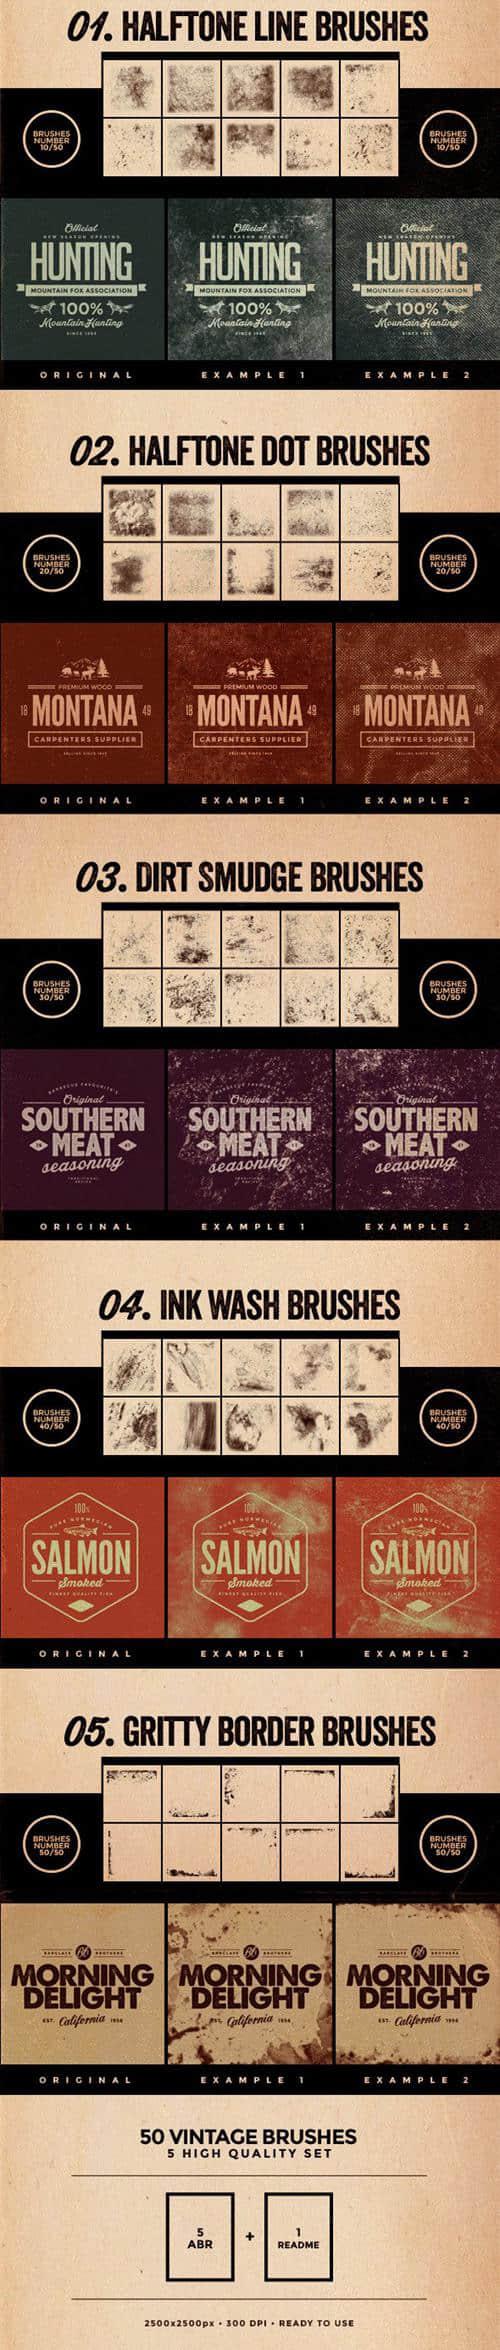 50种复古效果、破旧污渍纹理PS背景笔刷